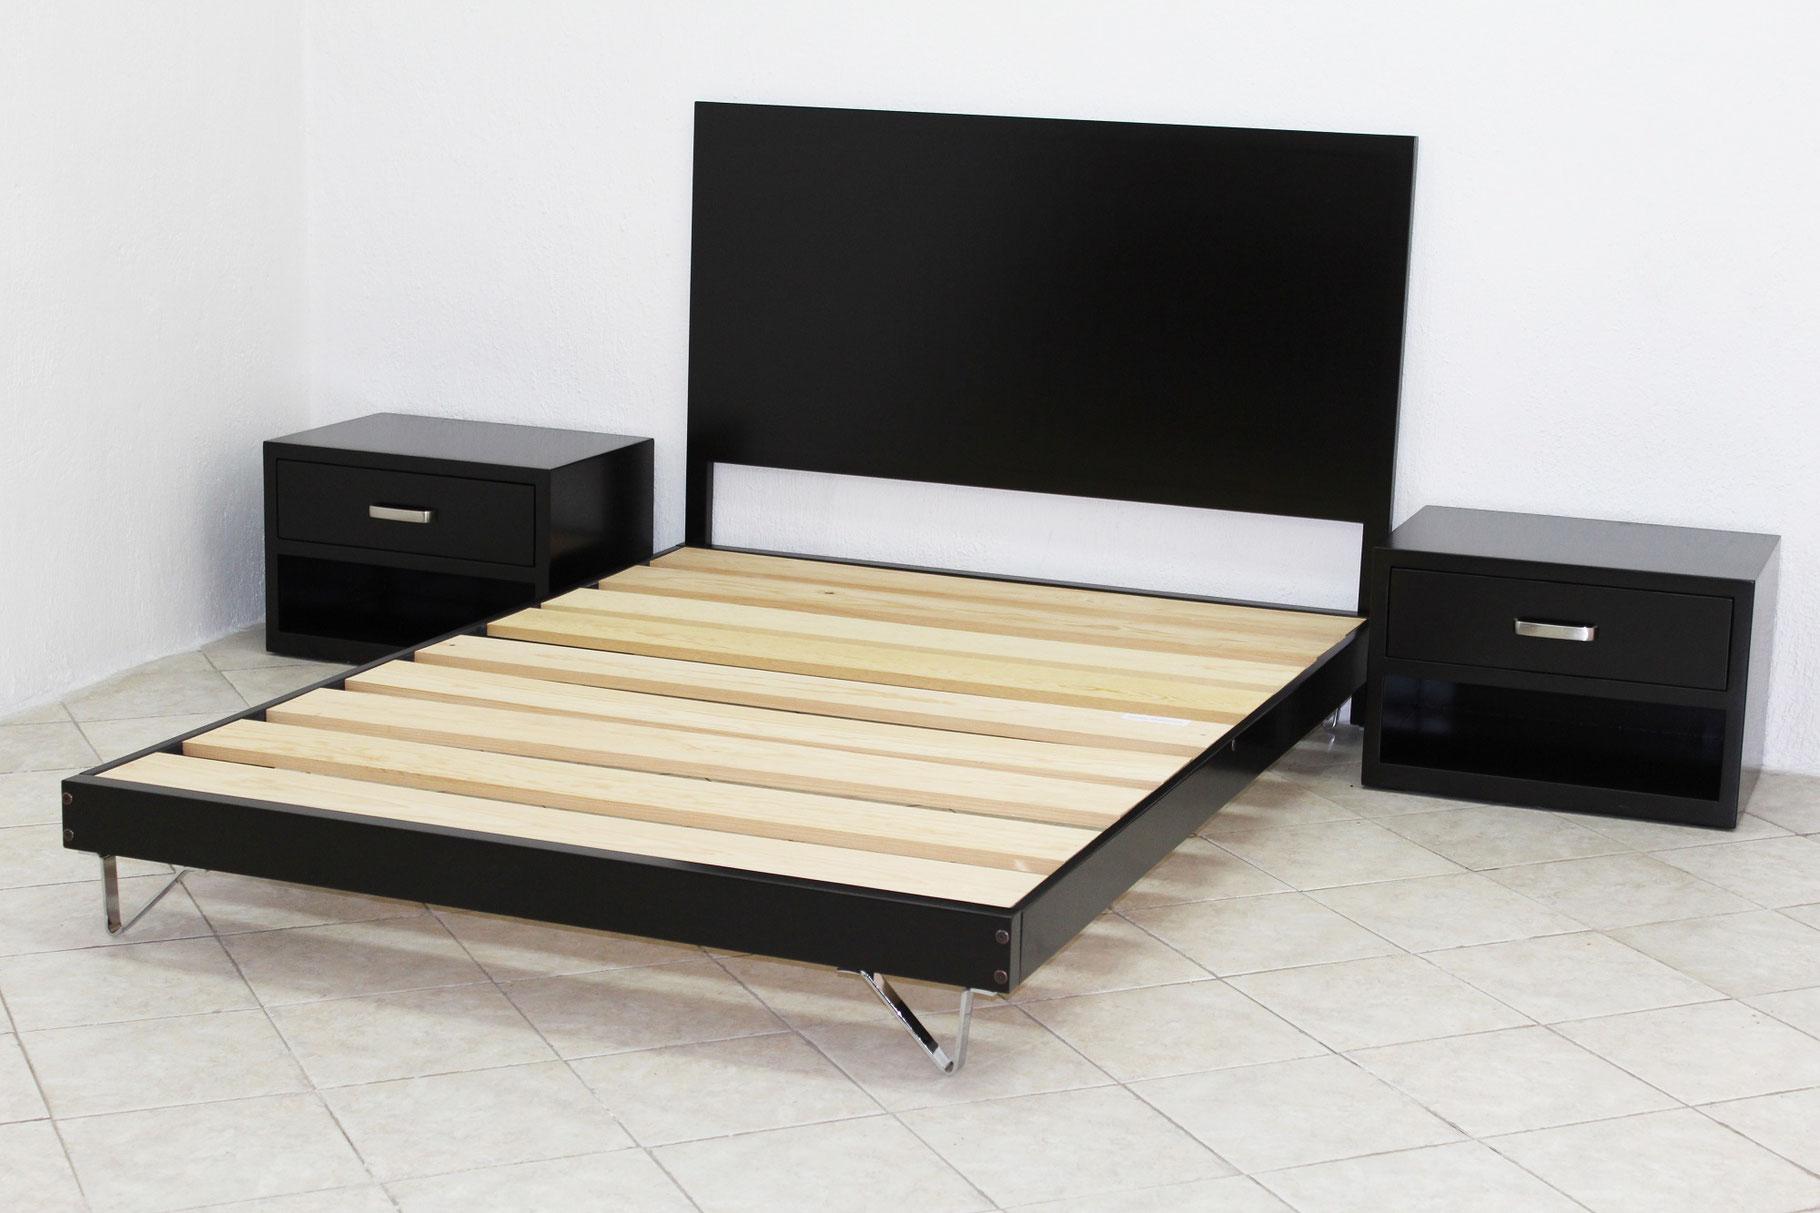 Recamaras muebles gm muebles de madera for Muebles minimalistas recamaras